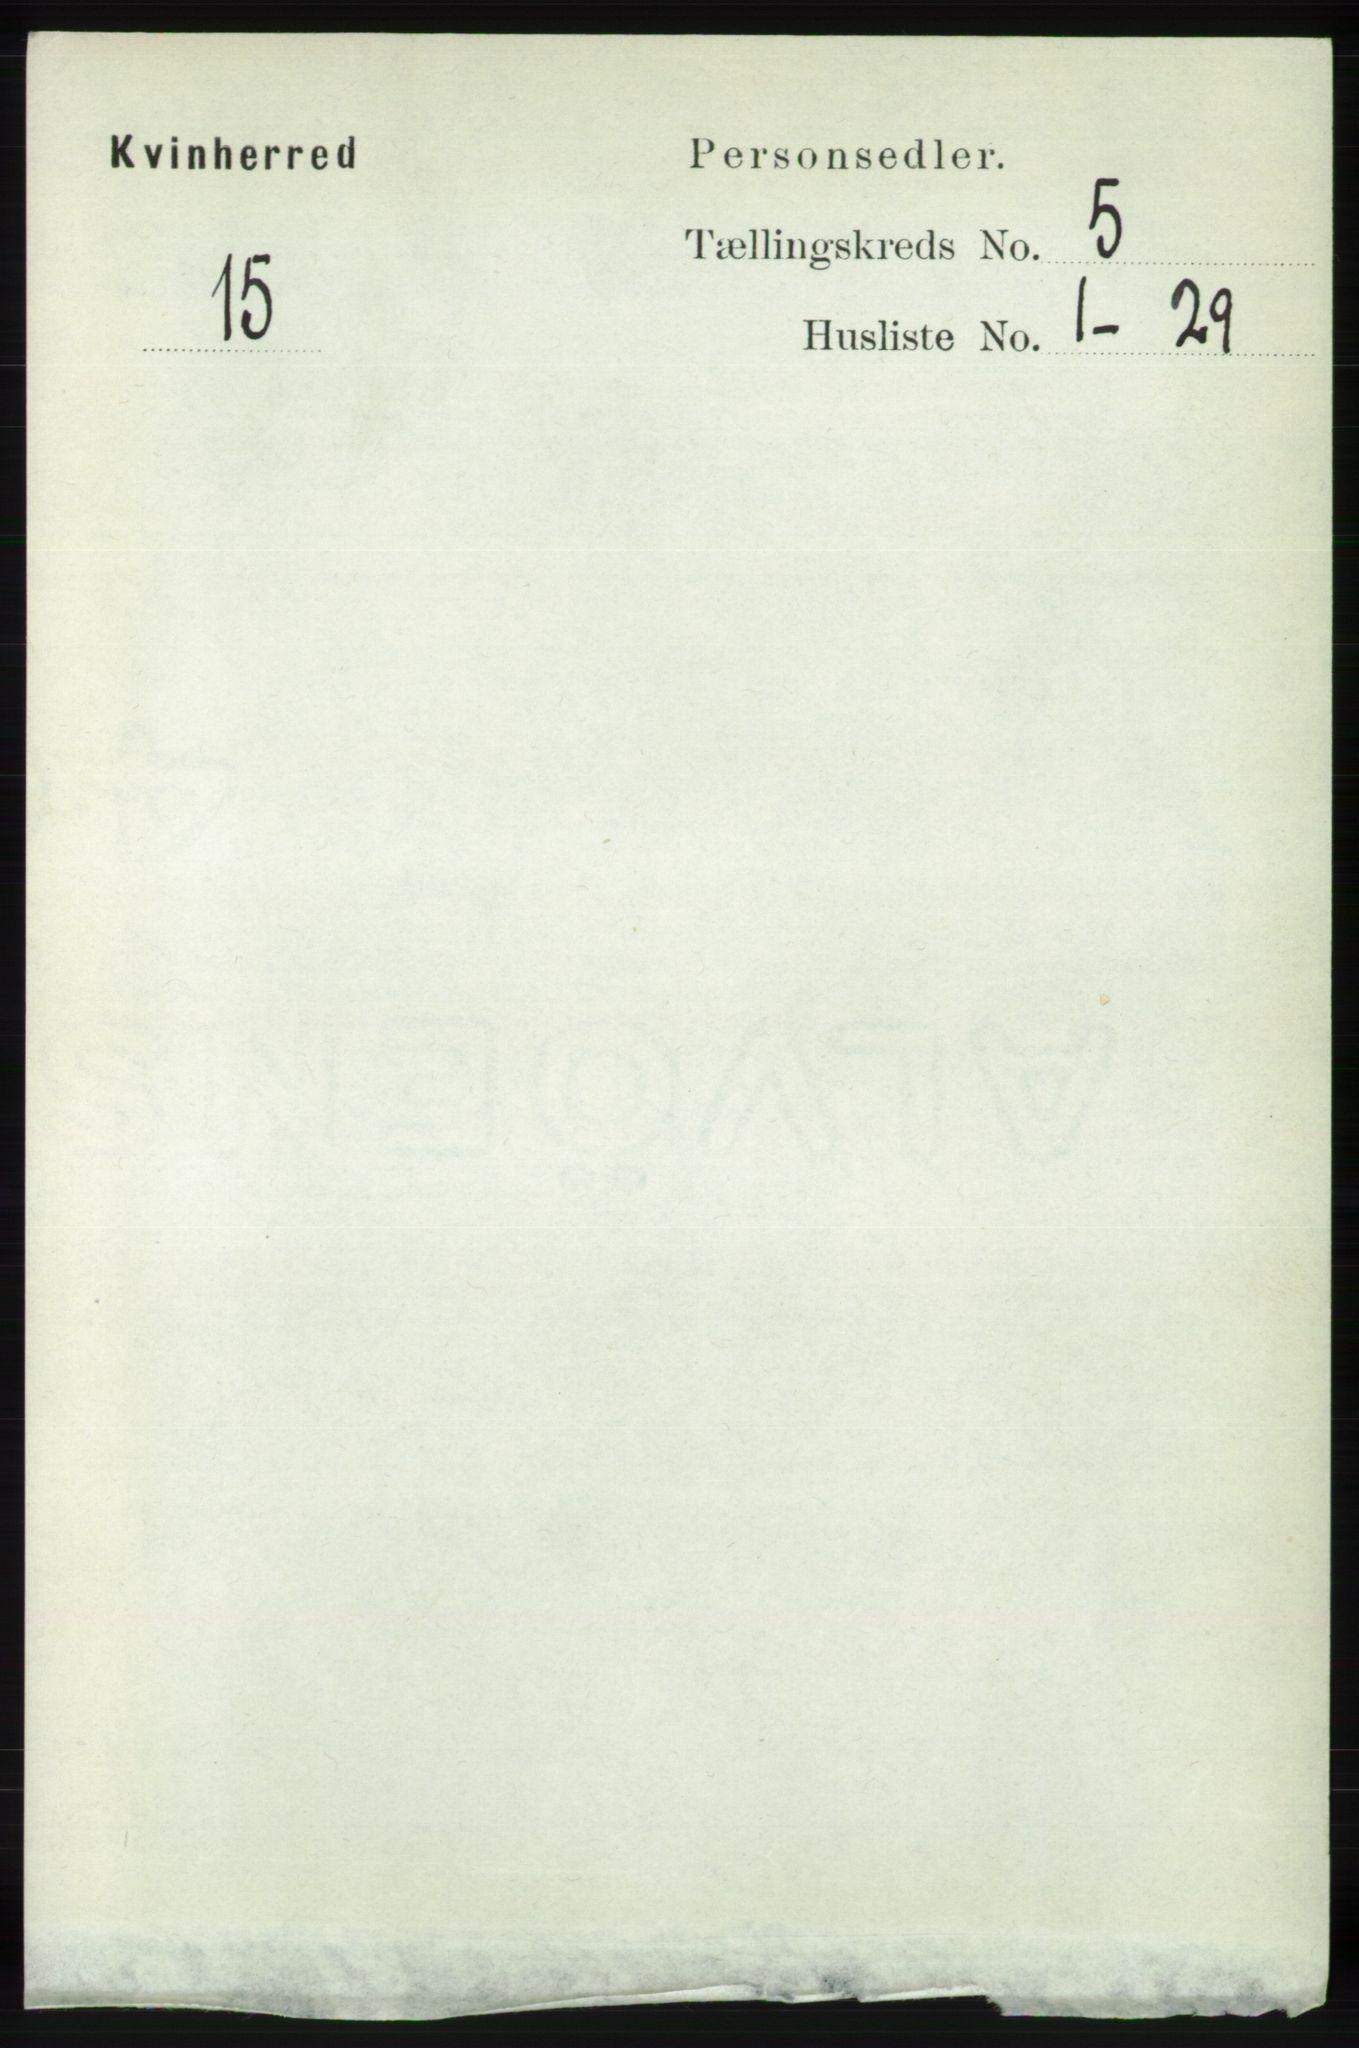 RA, Folketelling 1891 for 1224 Kvinnherad herred, 1891, s. 1741